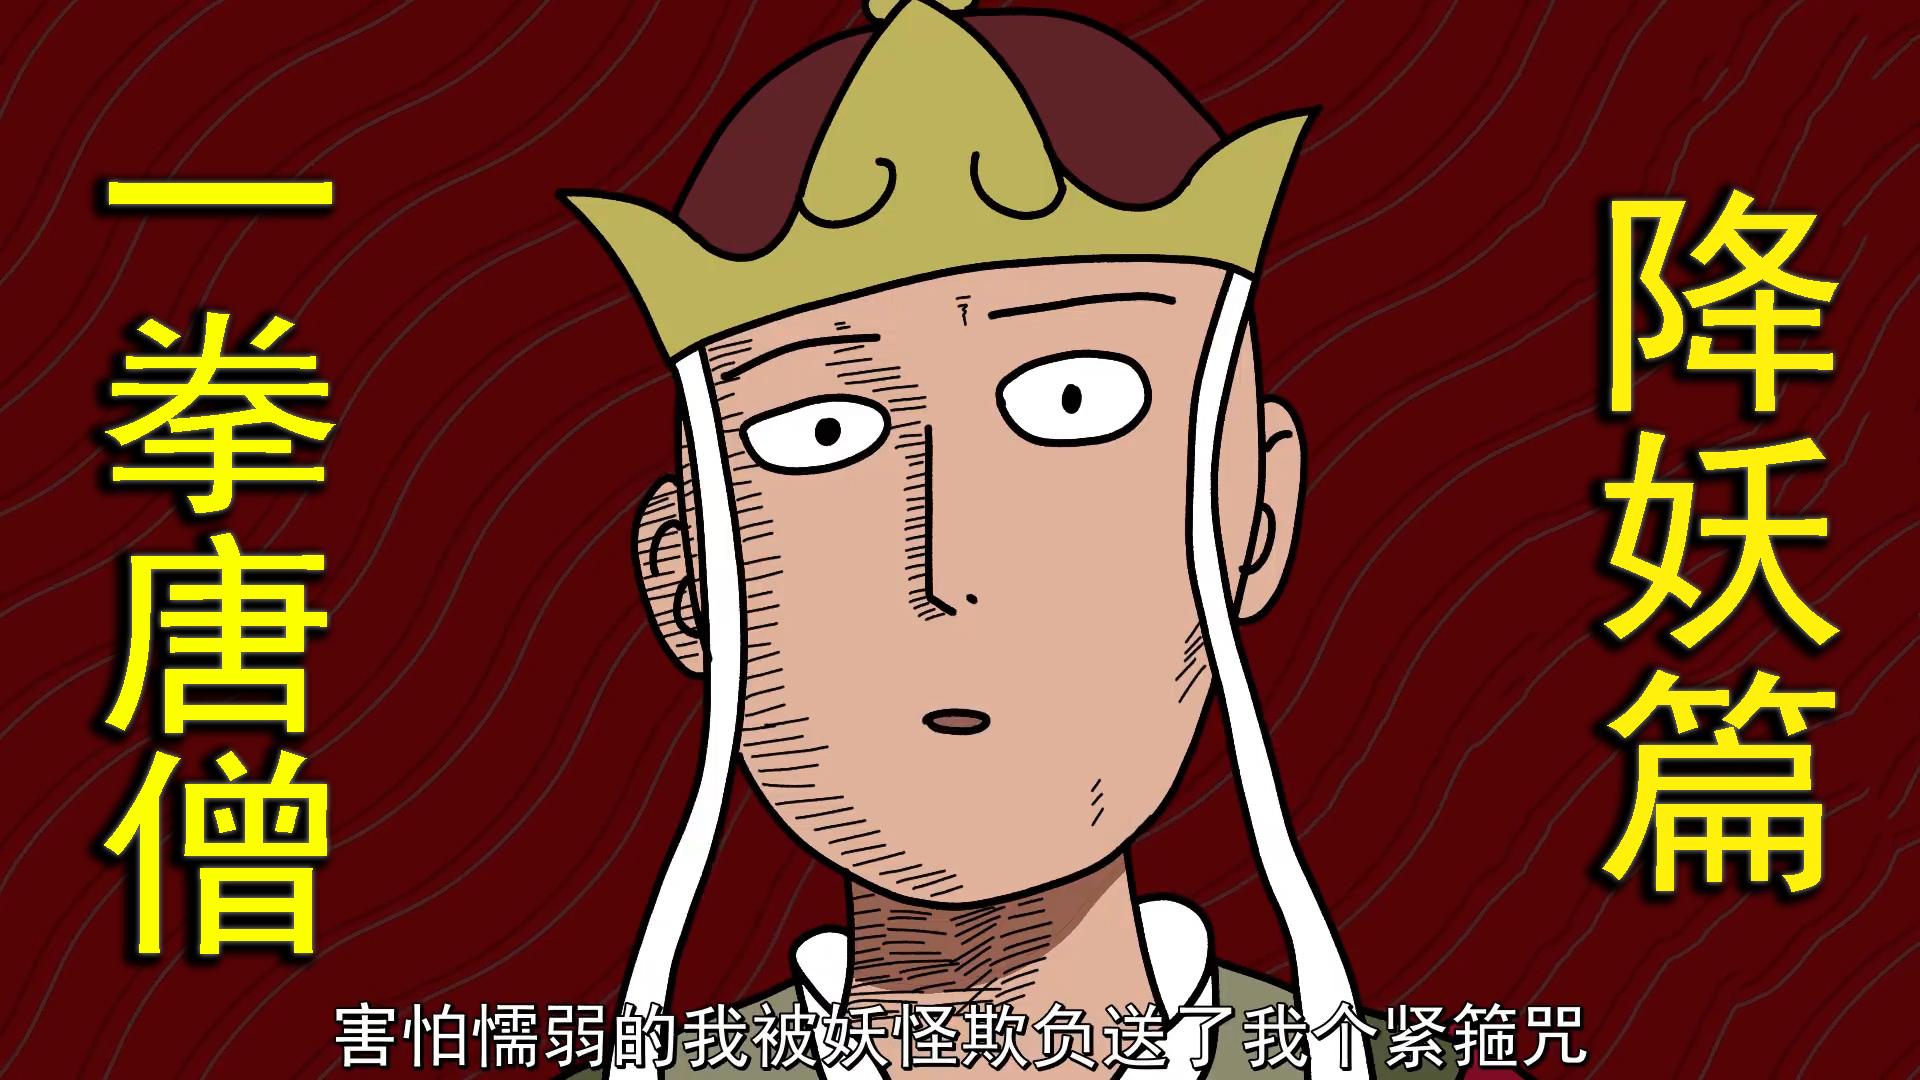 【沙雕动画】最强唐僧之一拳唐僧:降妖番外篇!